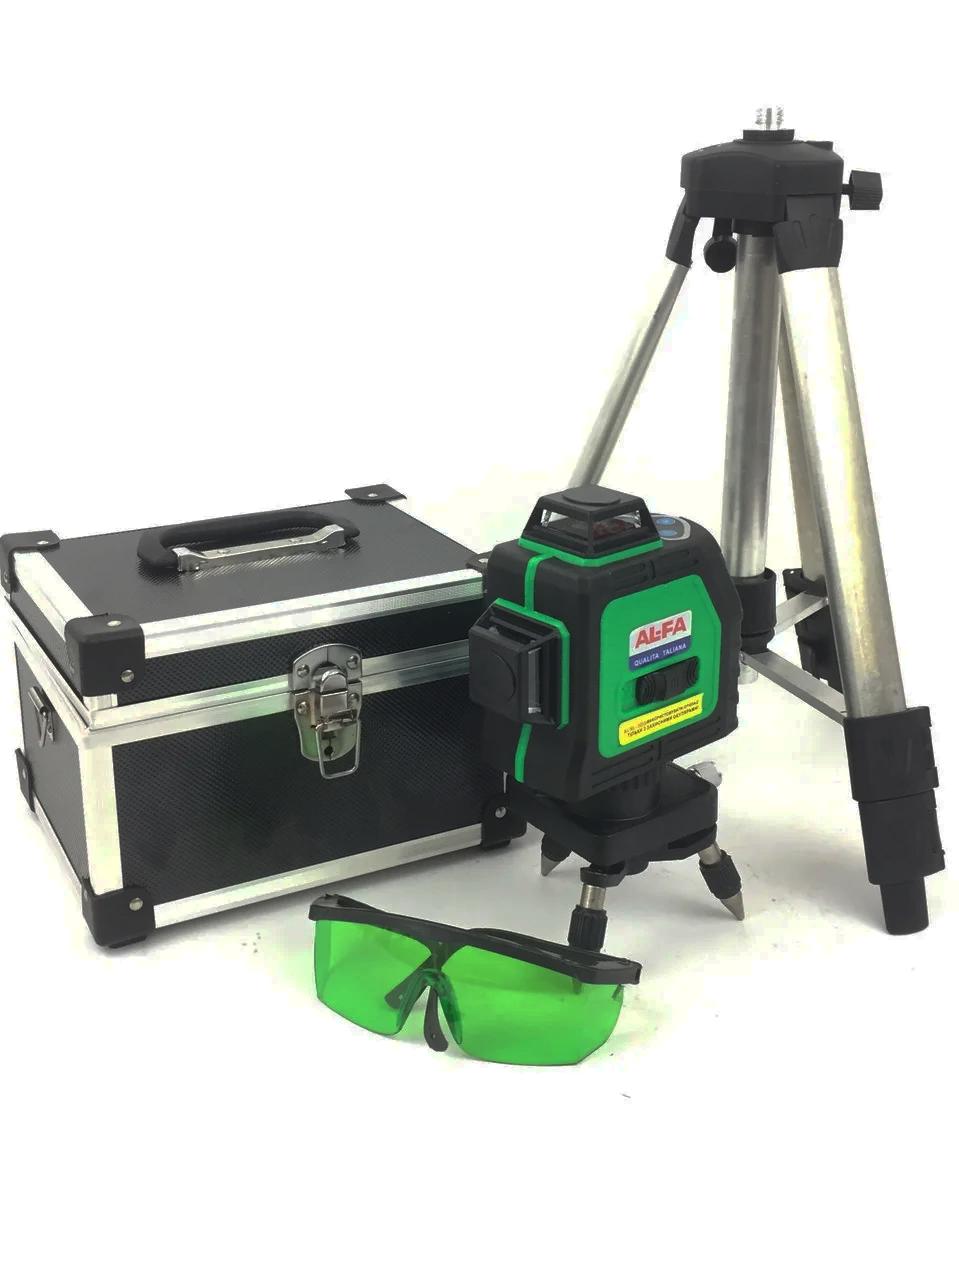 Профессиональный лазерный уровень AL-FA ALNL-3DG лазерный нивелир